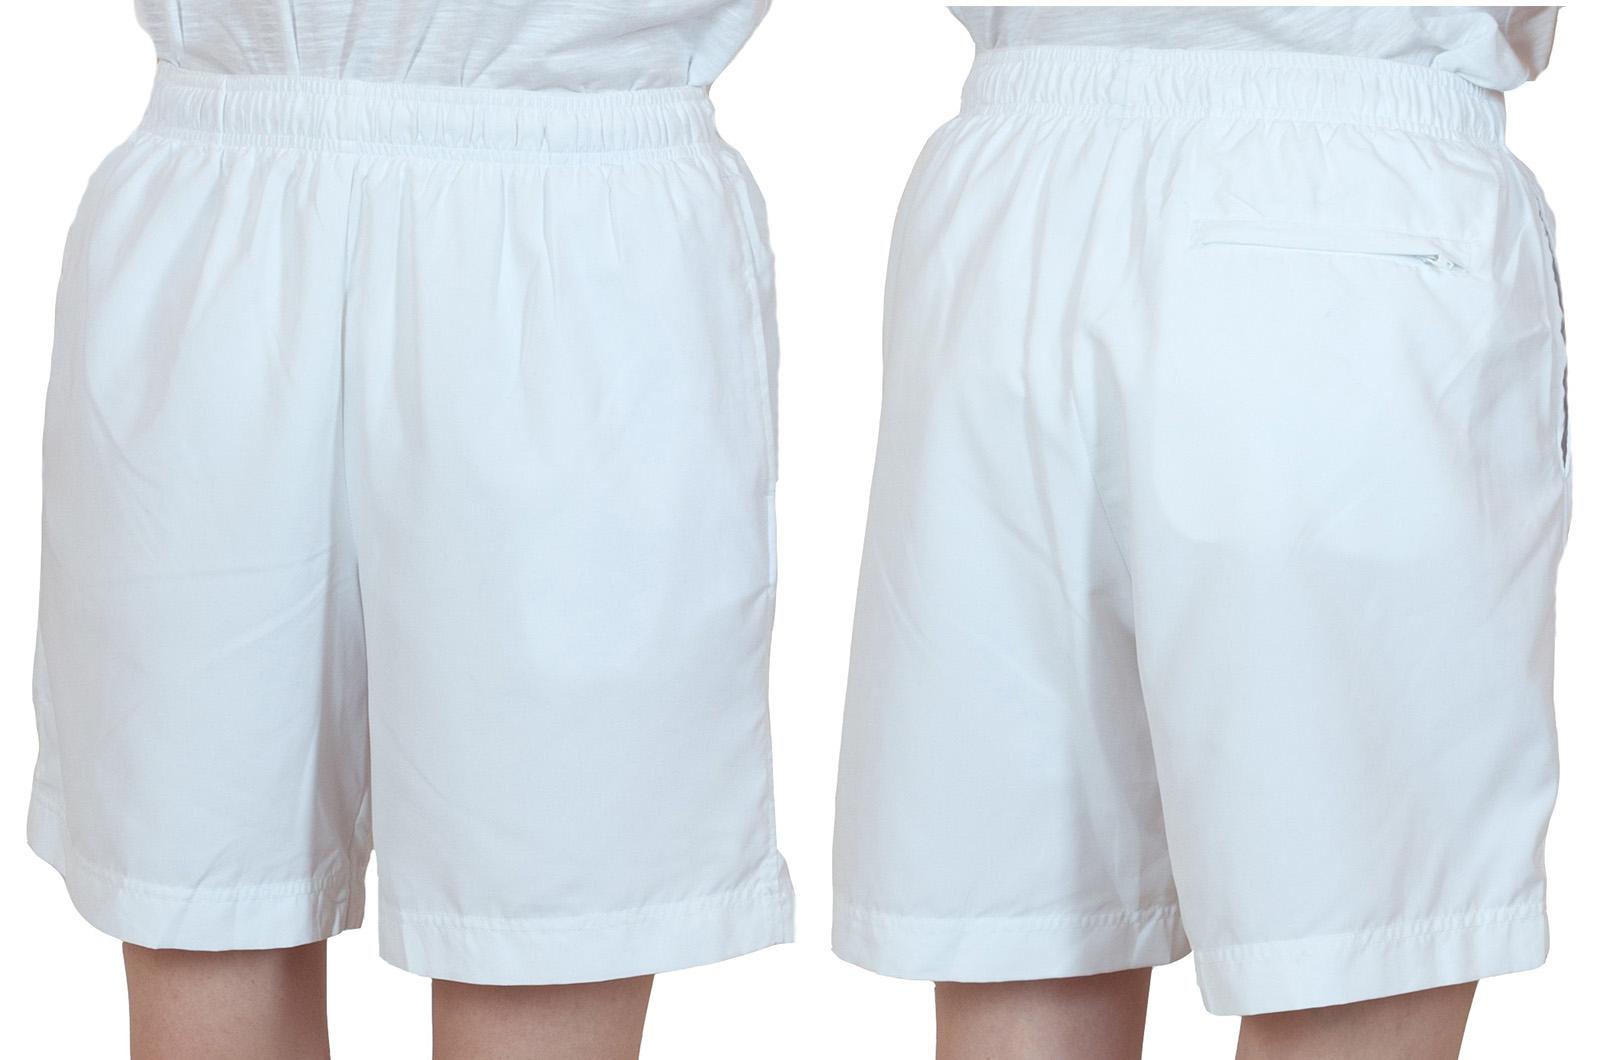 Заказать белые женские шорты спортивного стиля